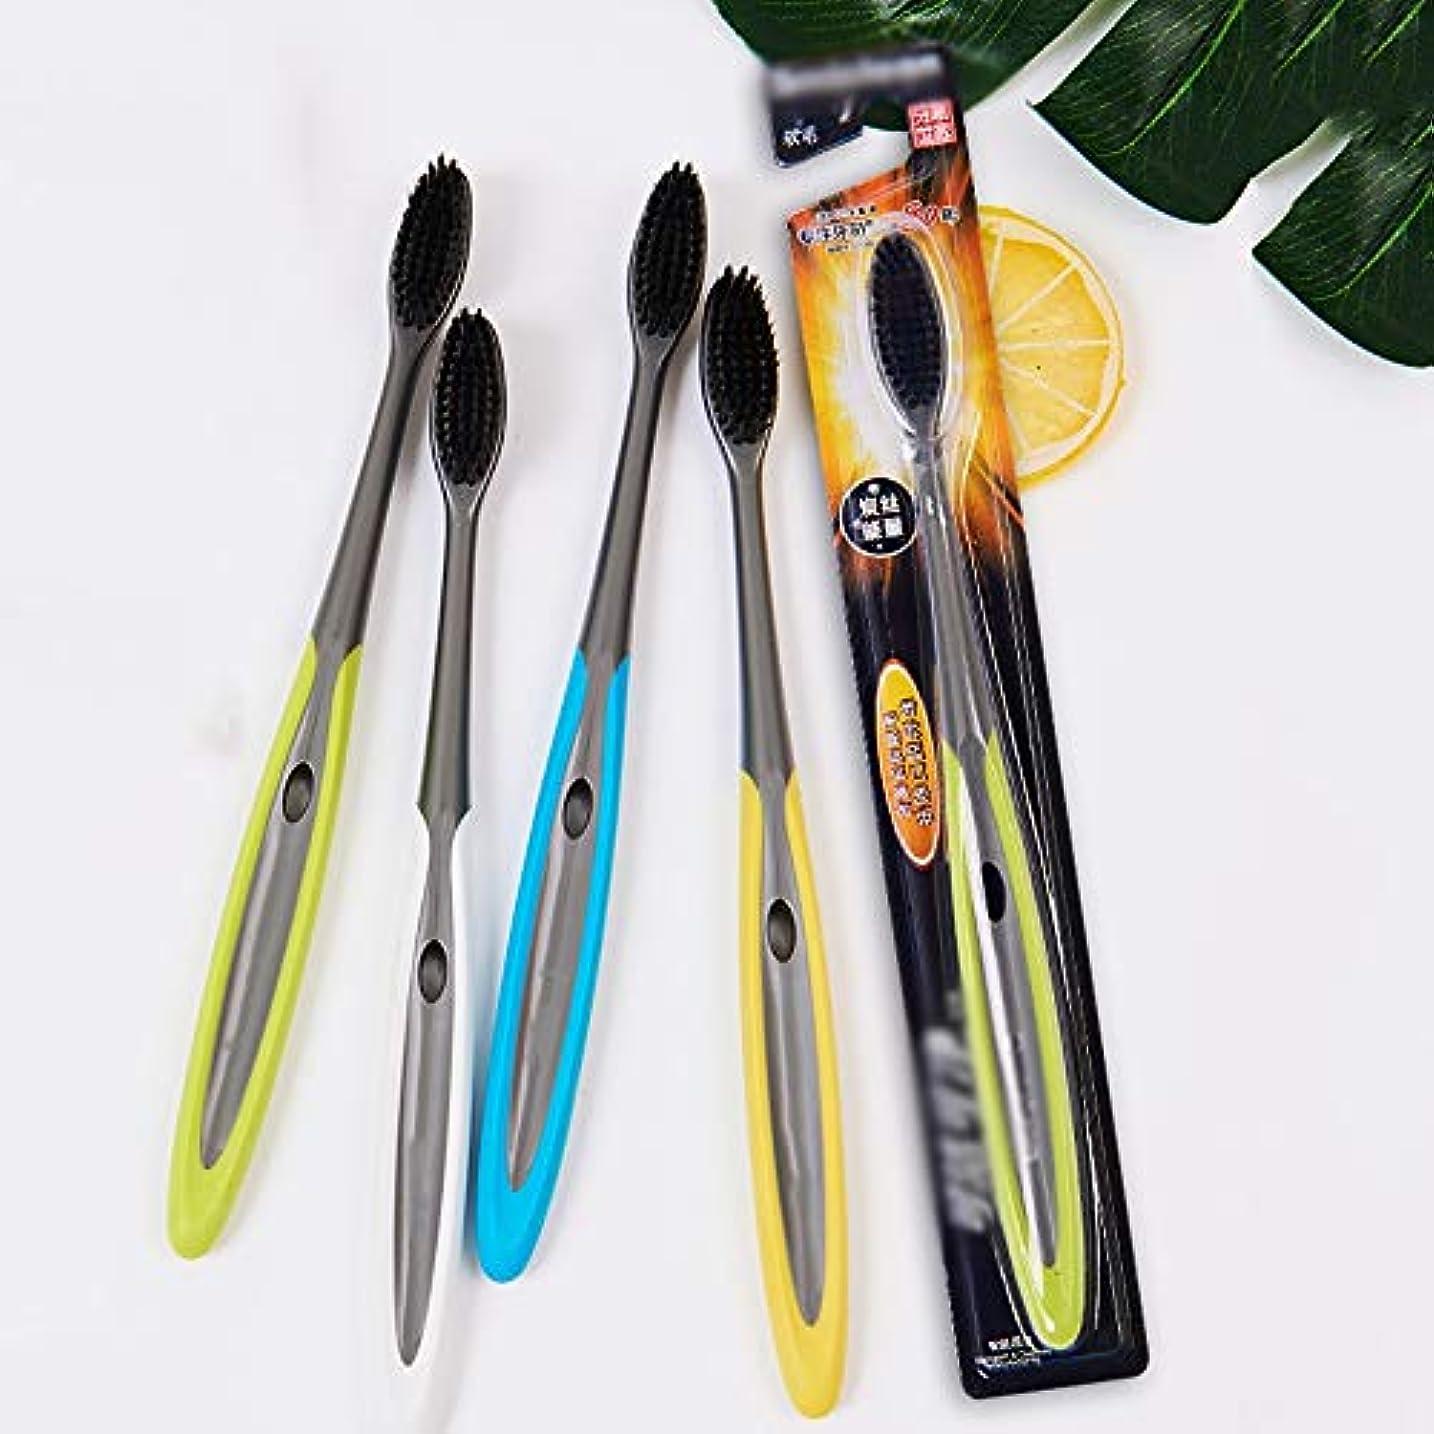 雄弁なスクランブル芸術的歯ブラシ アダルト竹炭歯ブラシ、バルク柔らかい歯ブラシは、新鮮な口歯ブラシを支援します - 10パック HL (サイズ : 10 packs)